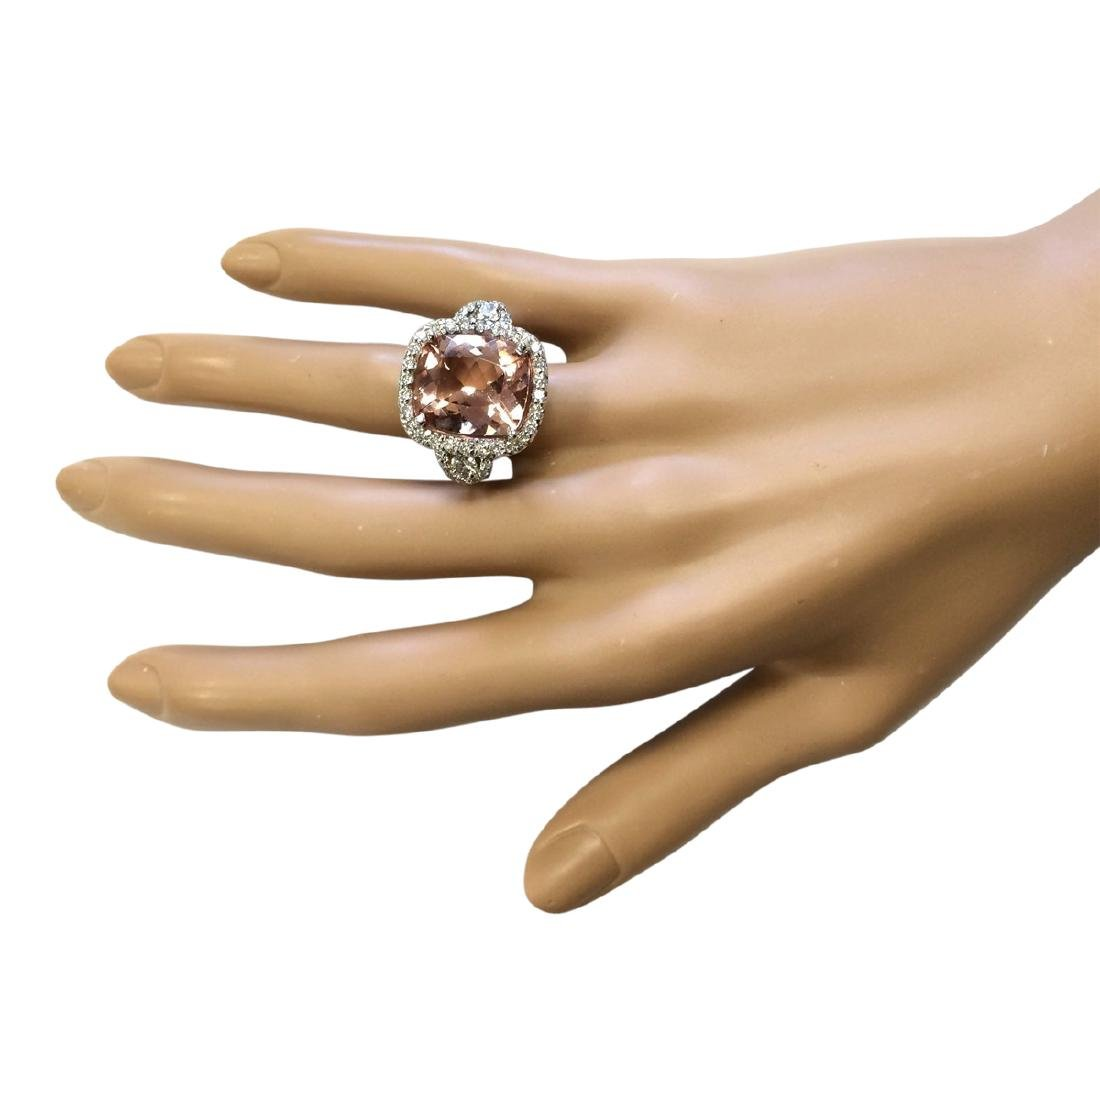 12.01 CTW Natural Morganite And Diamond Ring In 18K - 4